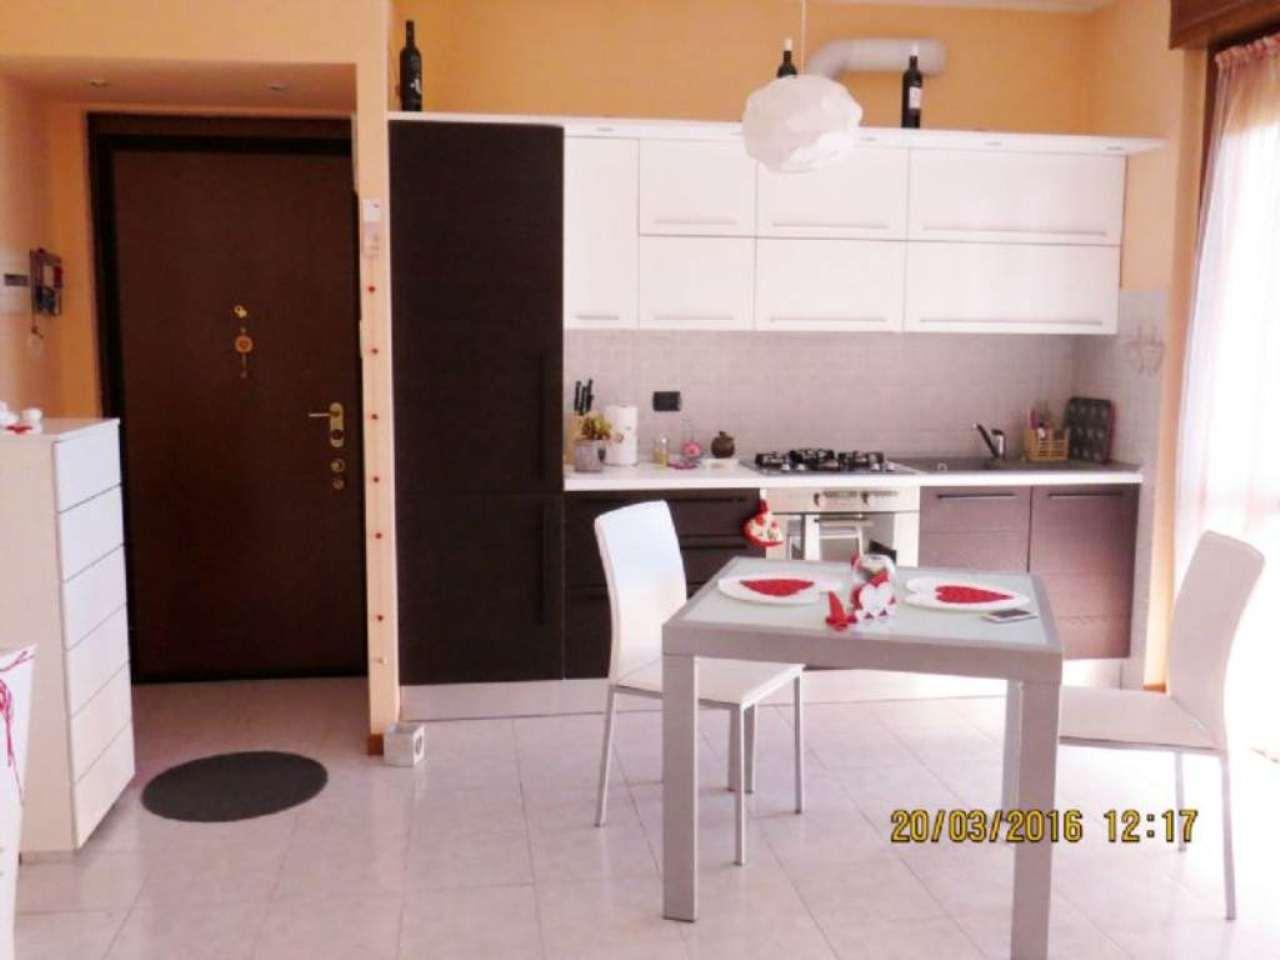 Appartamento in vendita a Opera, 1 locali, prezzo € 125.000 | Cambio Casa.it